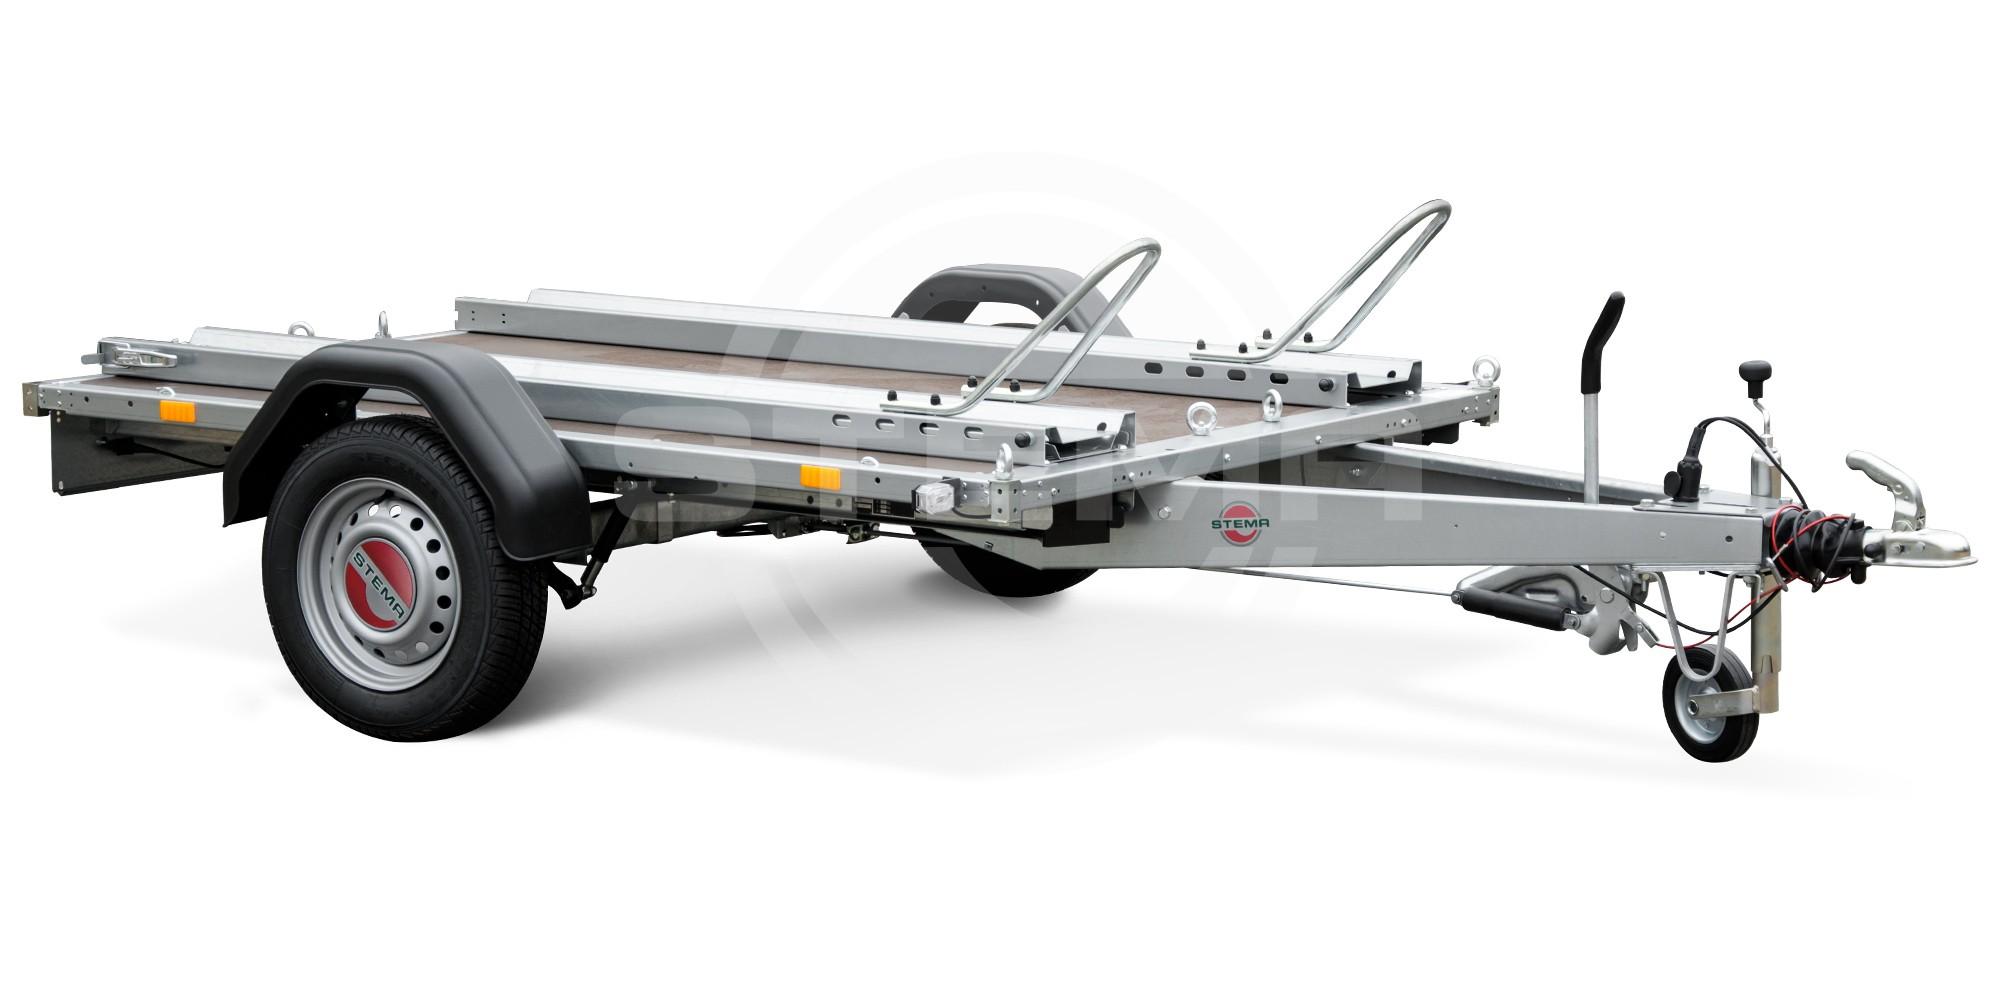 stema der anh nger sortiment motorradtransporter stlp 850 motorradtransporter stlp 850. Black Bedroom Furniture Sets. Home Design Ideas